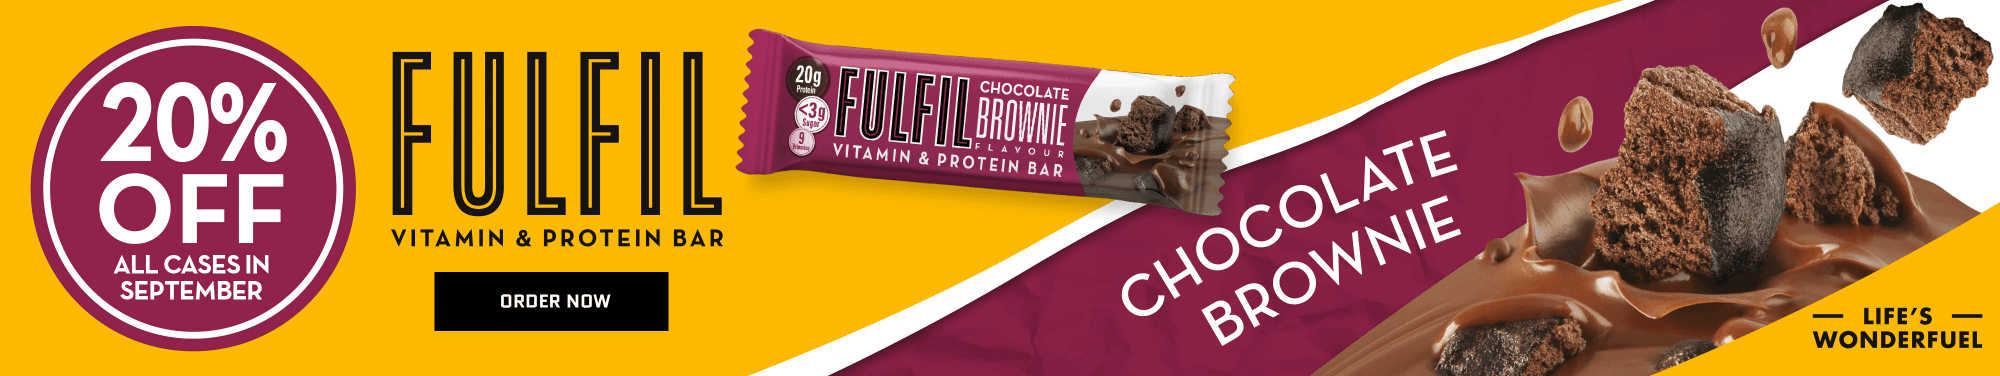 Fulfil Choc Brownie